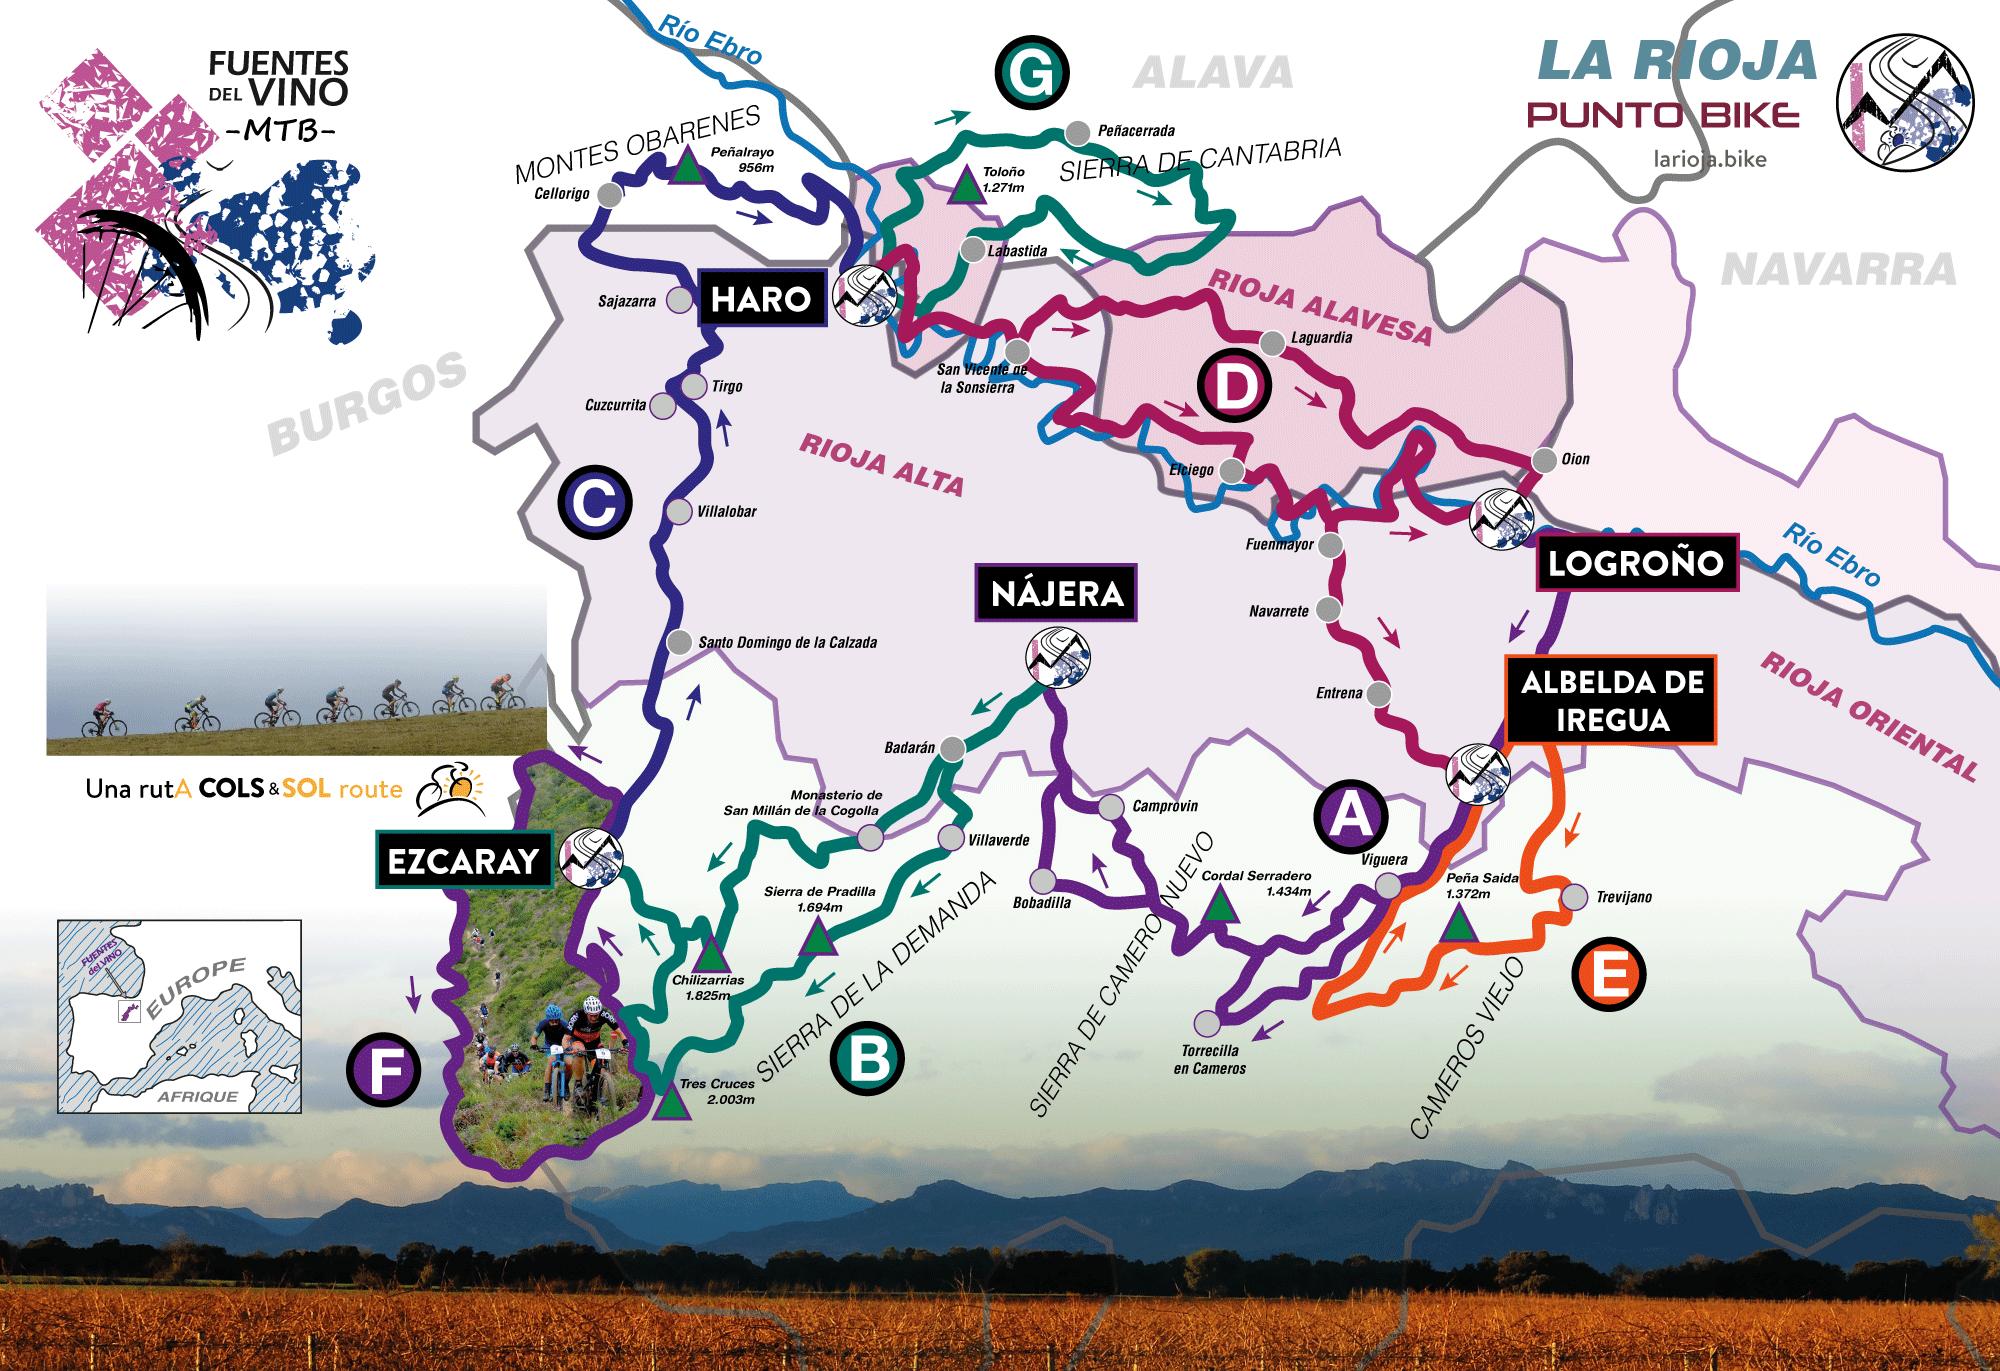 ROAD BIKE TRAVEL | LA RIOJA SPAIN | FUENTES DEL VINO